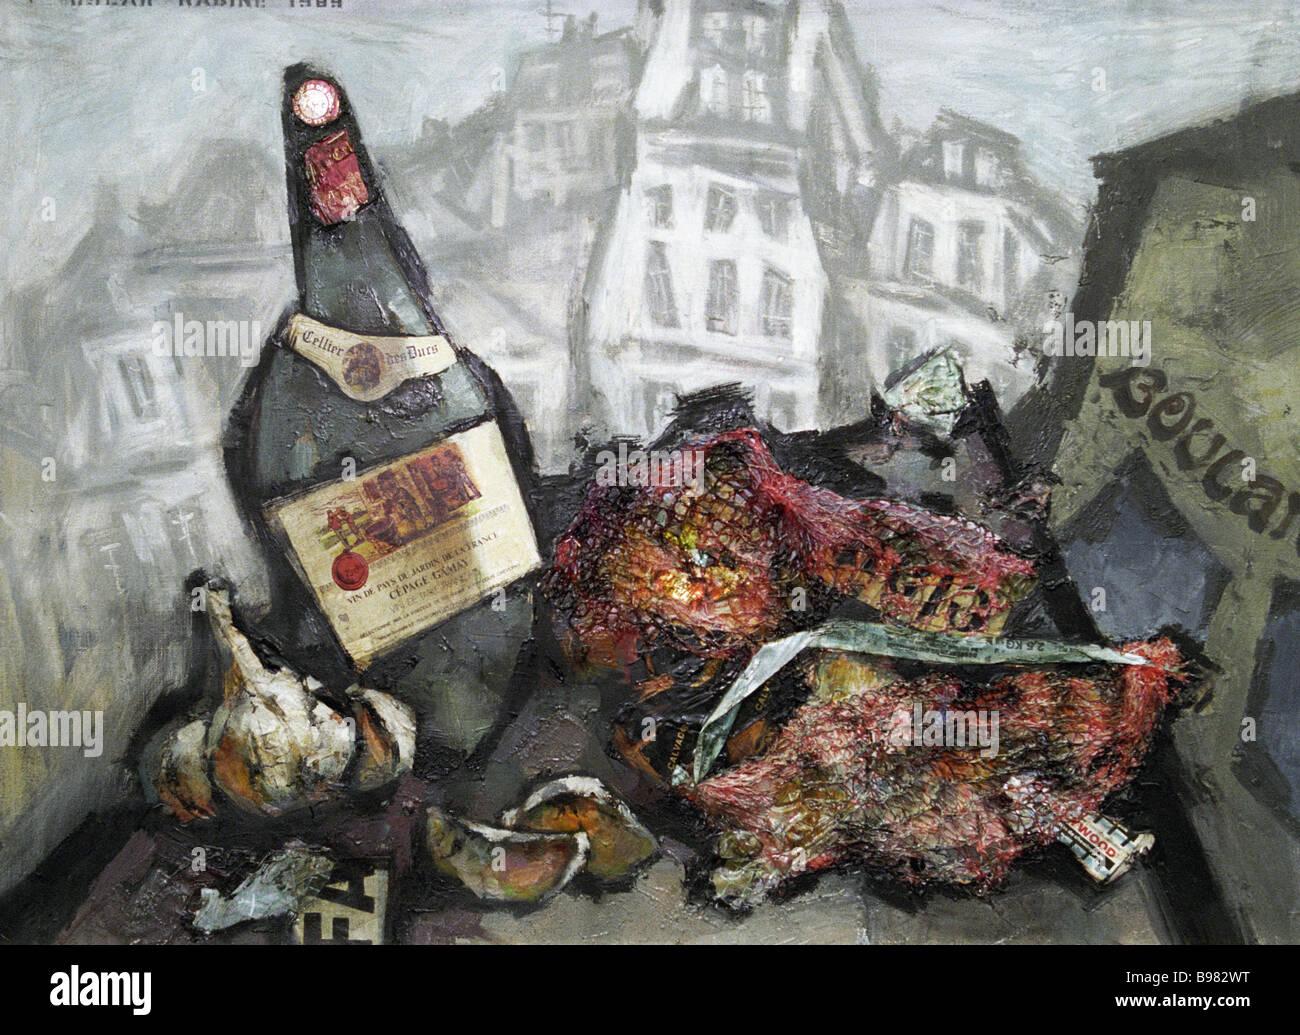 La reproduction de la vie Toujours Oscar Rabin s'affiche lors d'une exposition à la Maison des artistes Photo Stock